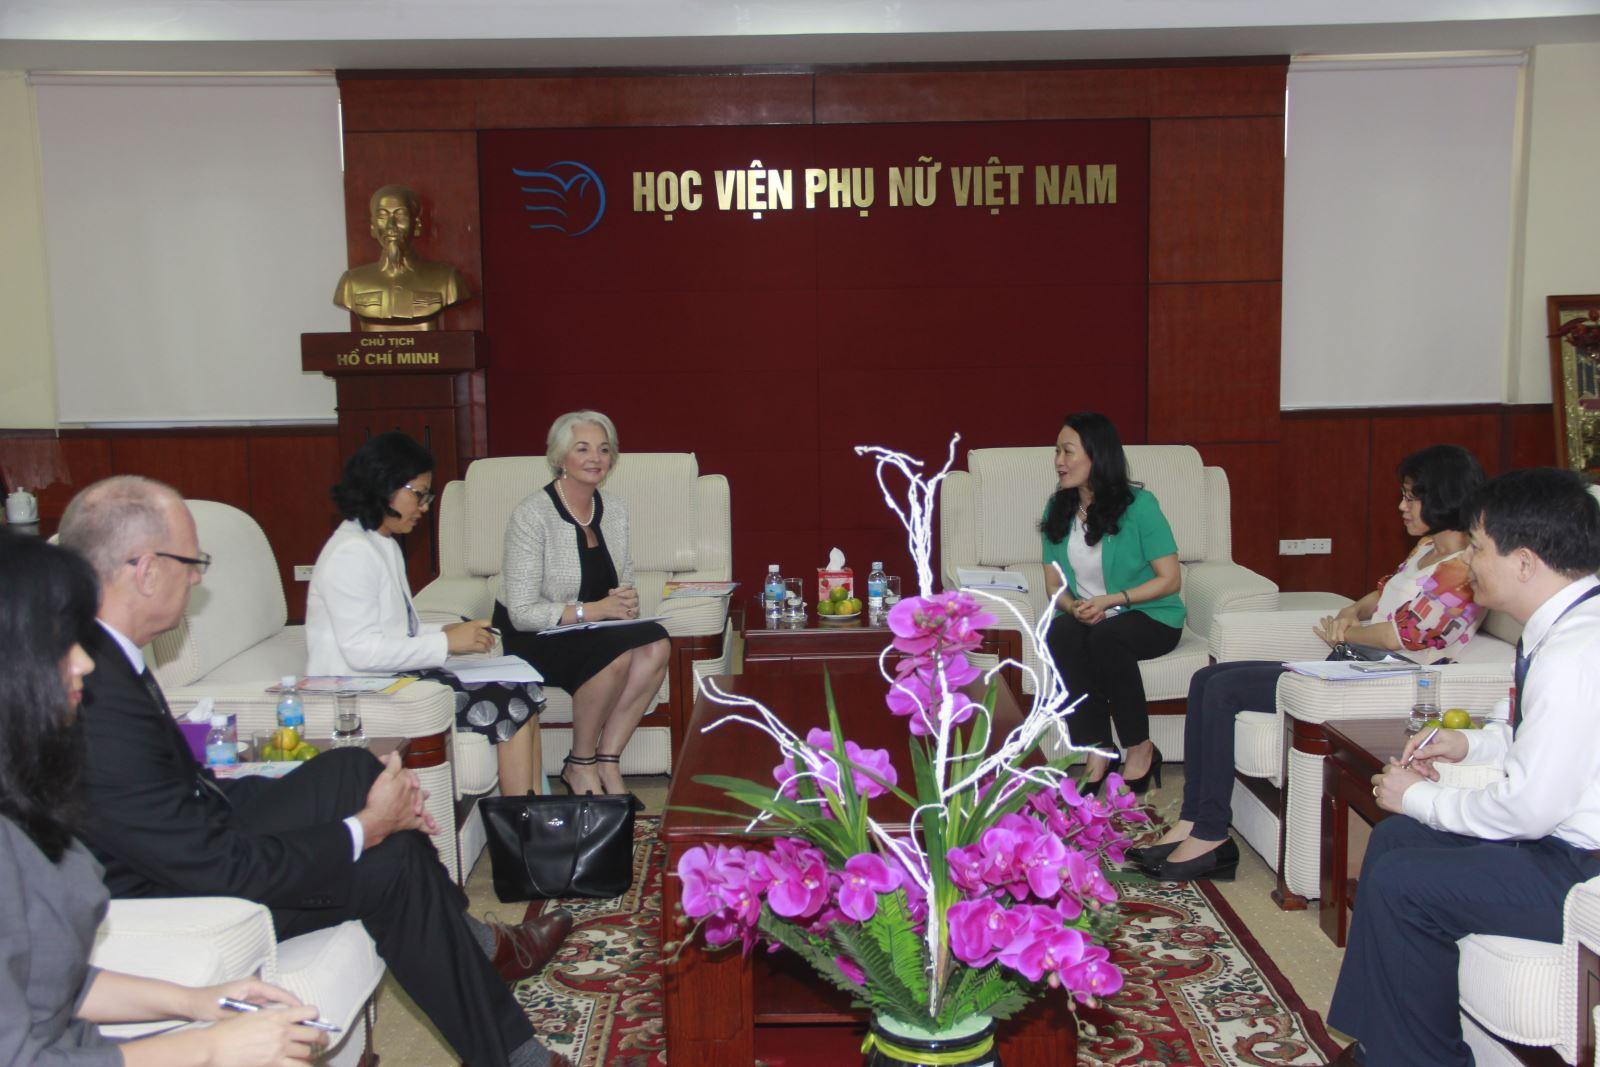 Chủ tịch Đại học RMIT Việt Nam làm việc với Hội Liên hiệp Phụ nữ Việt Nam tại  Học viện Phụ nữ